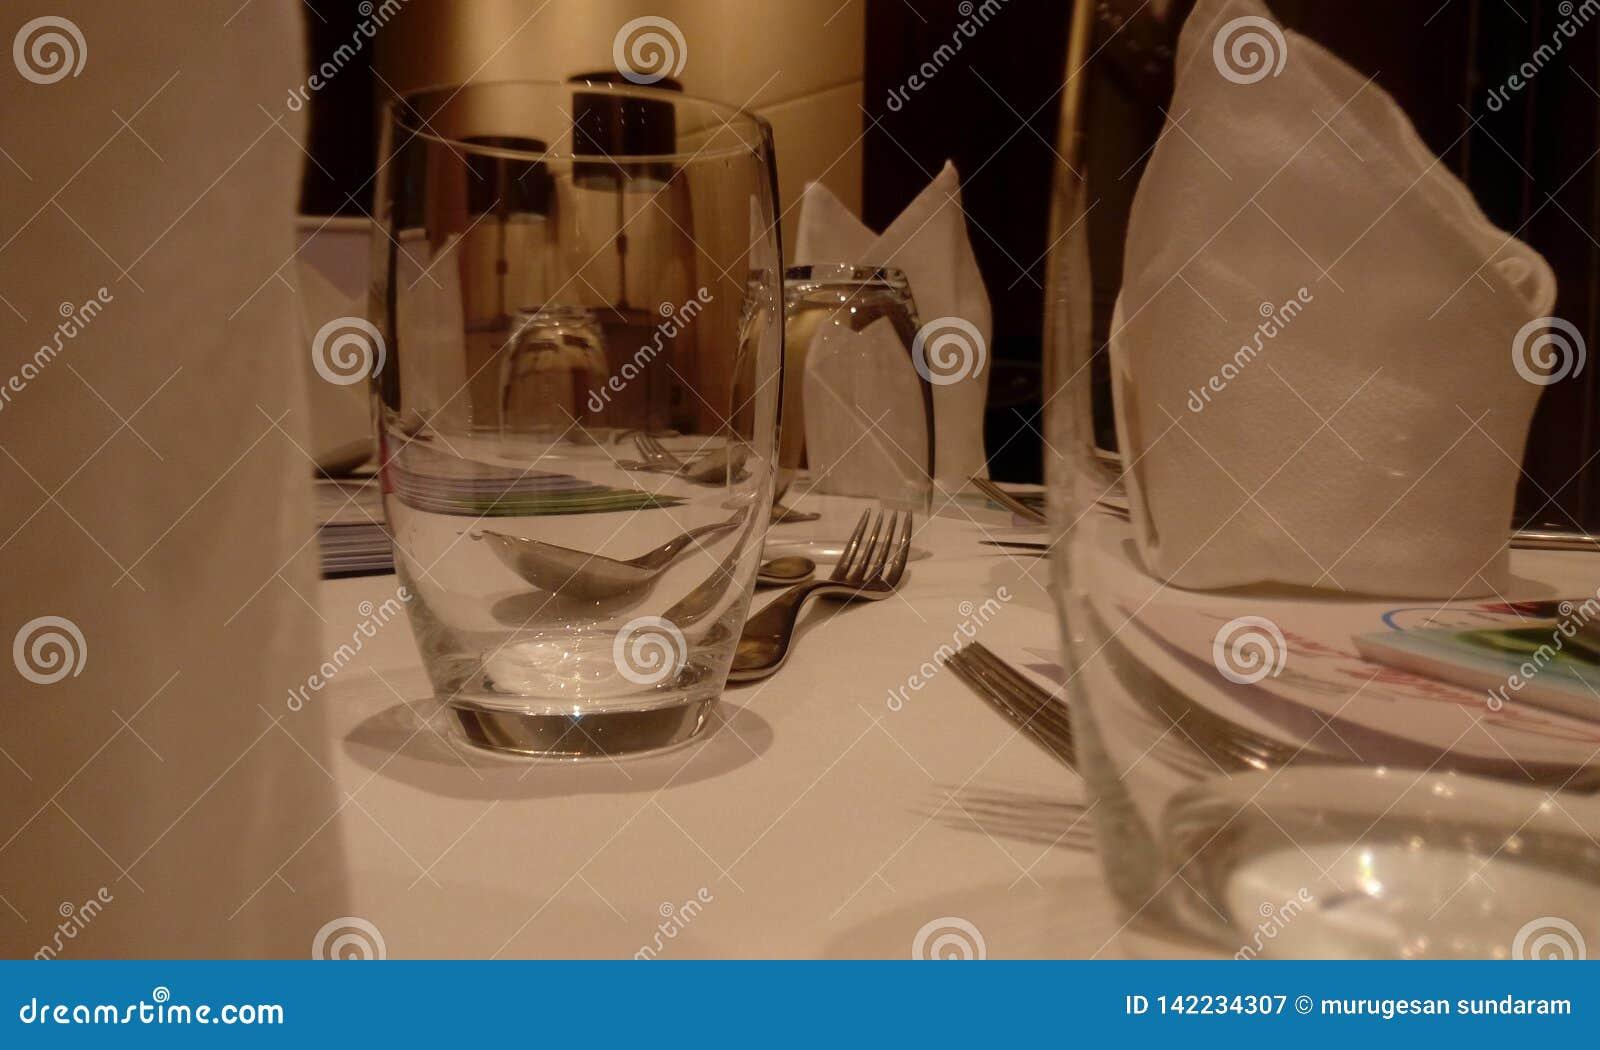 Hotelu stół zakrywający z szkłem woda, jedzenie talerz, rozwidlenie i łyżka w czystym dla nadchodzącego przyjęcia,